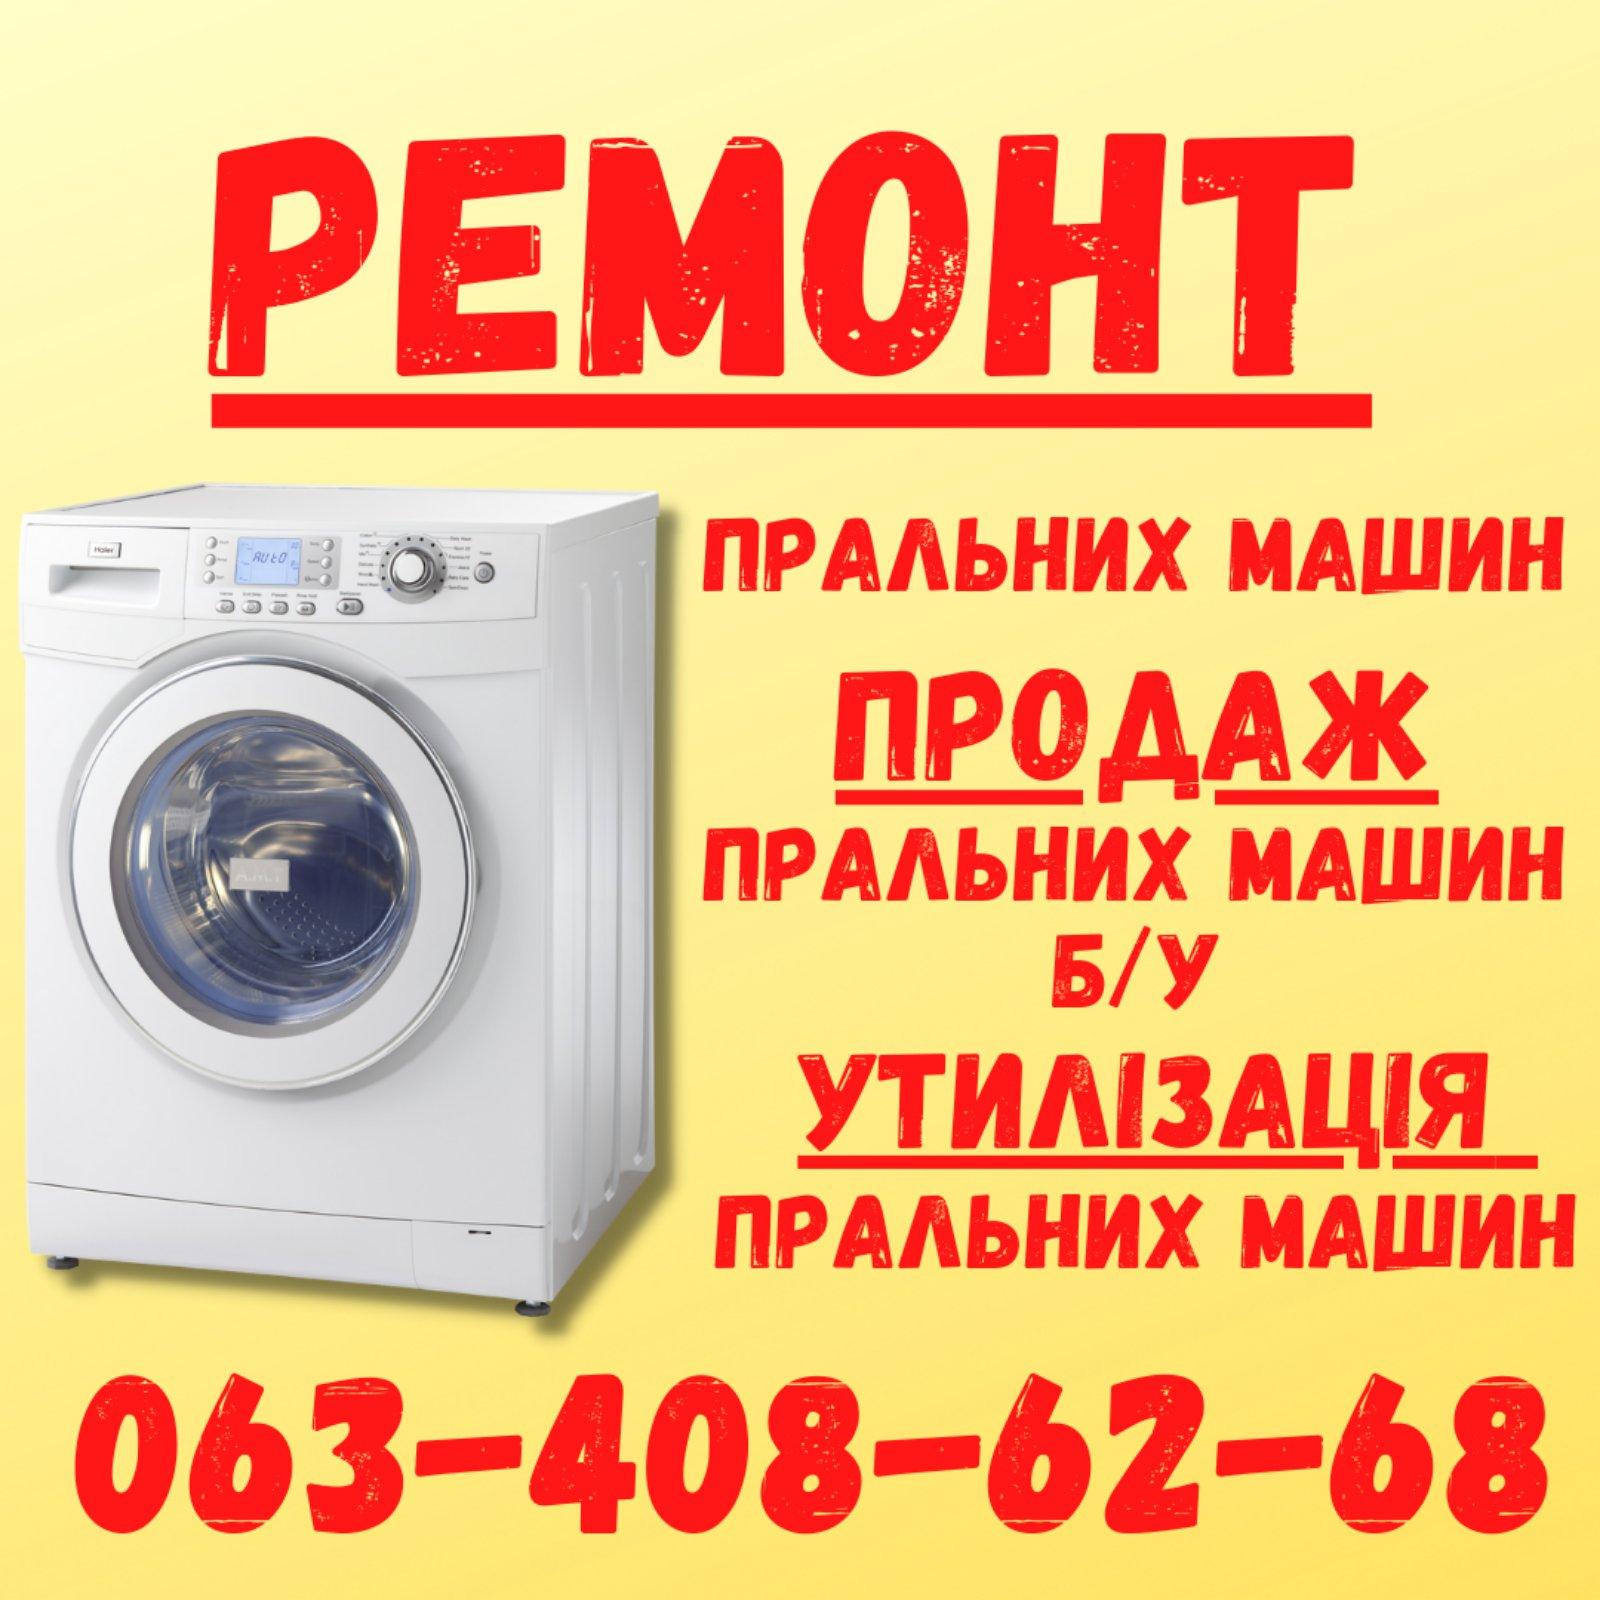 Ремонт стиральных машин Умань.